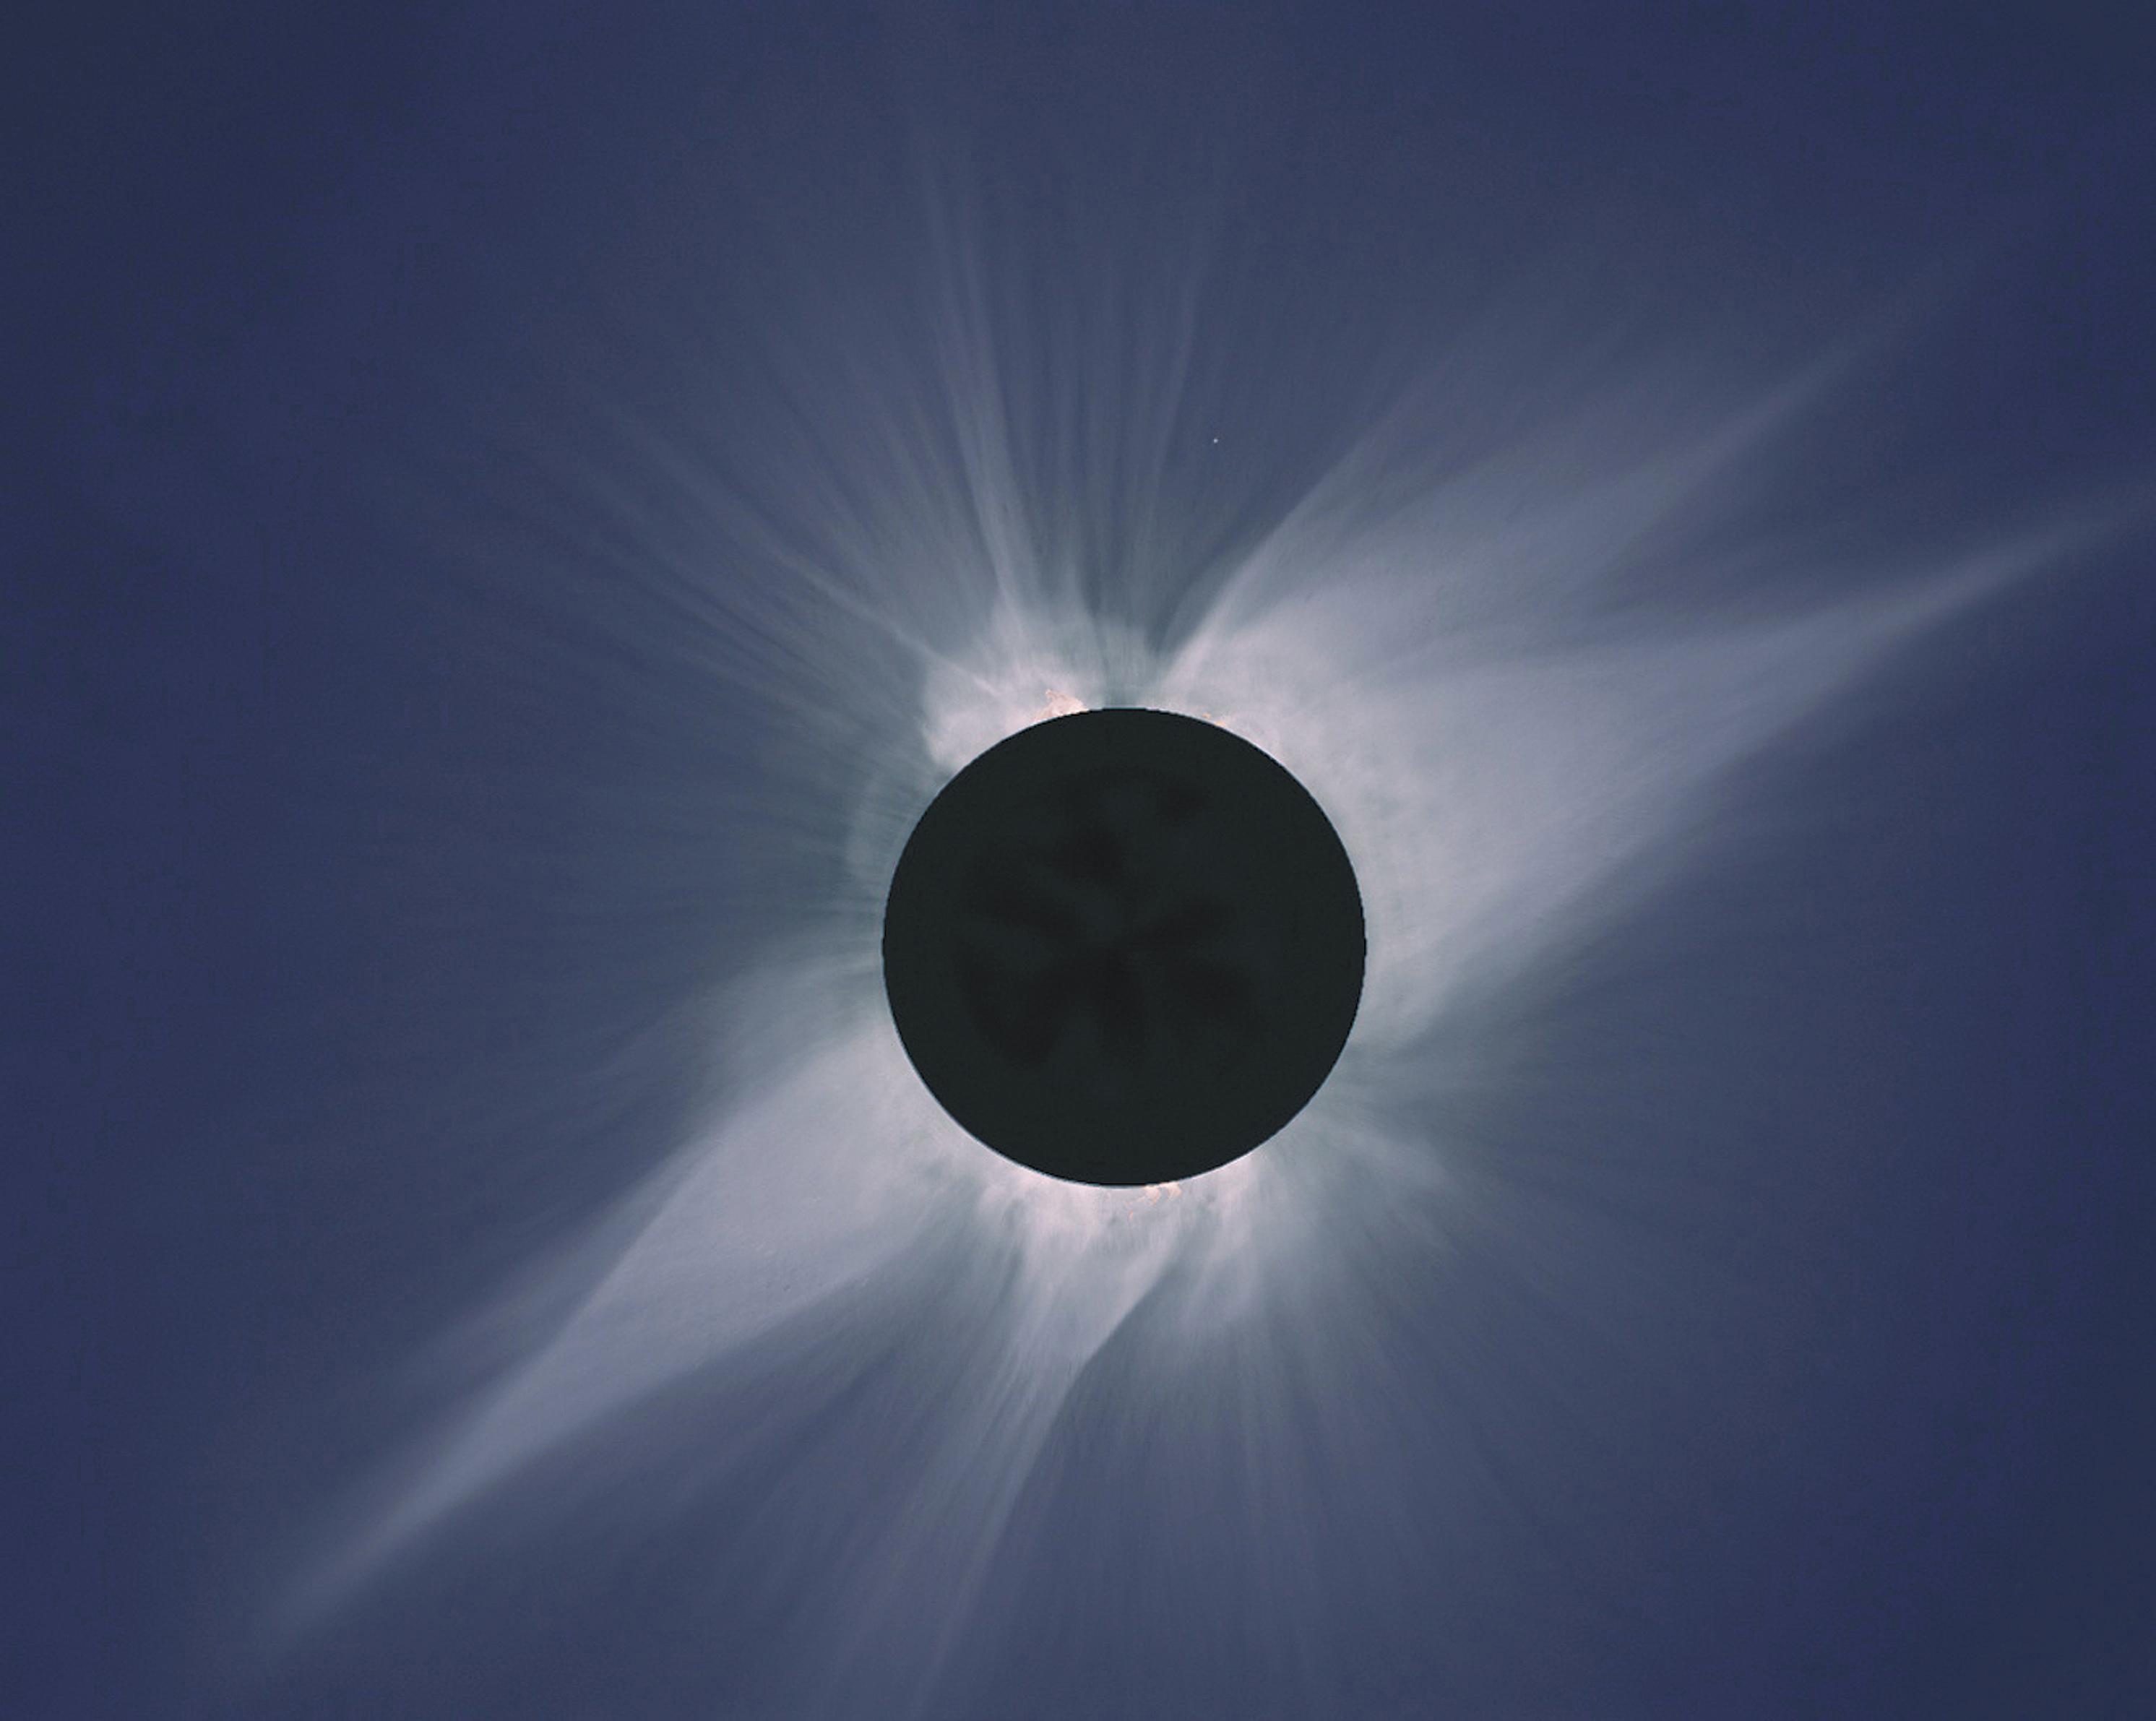 sun's corona